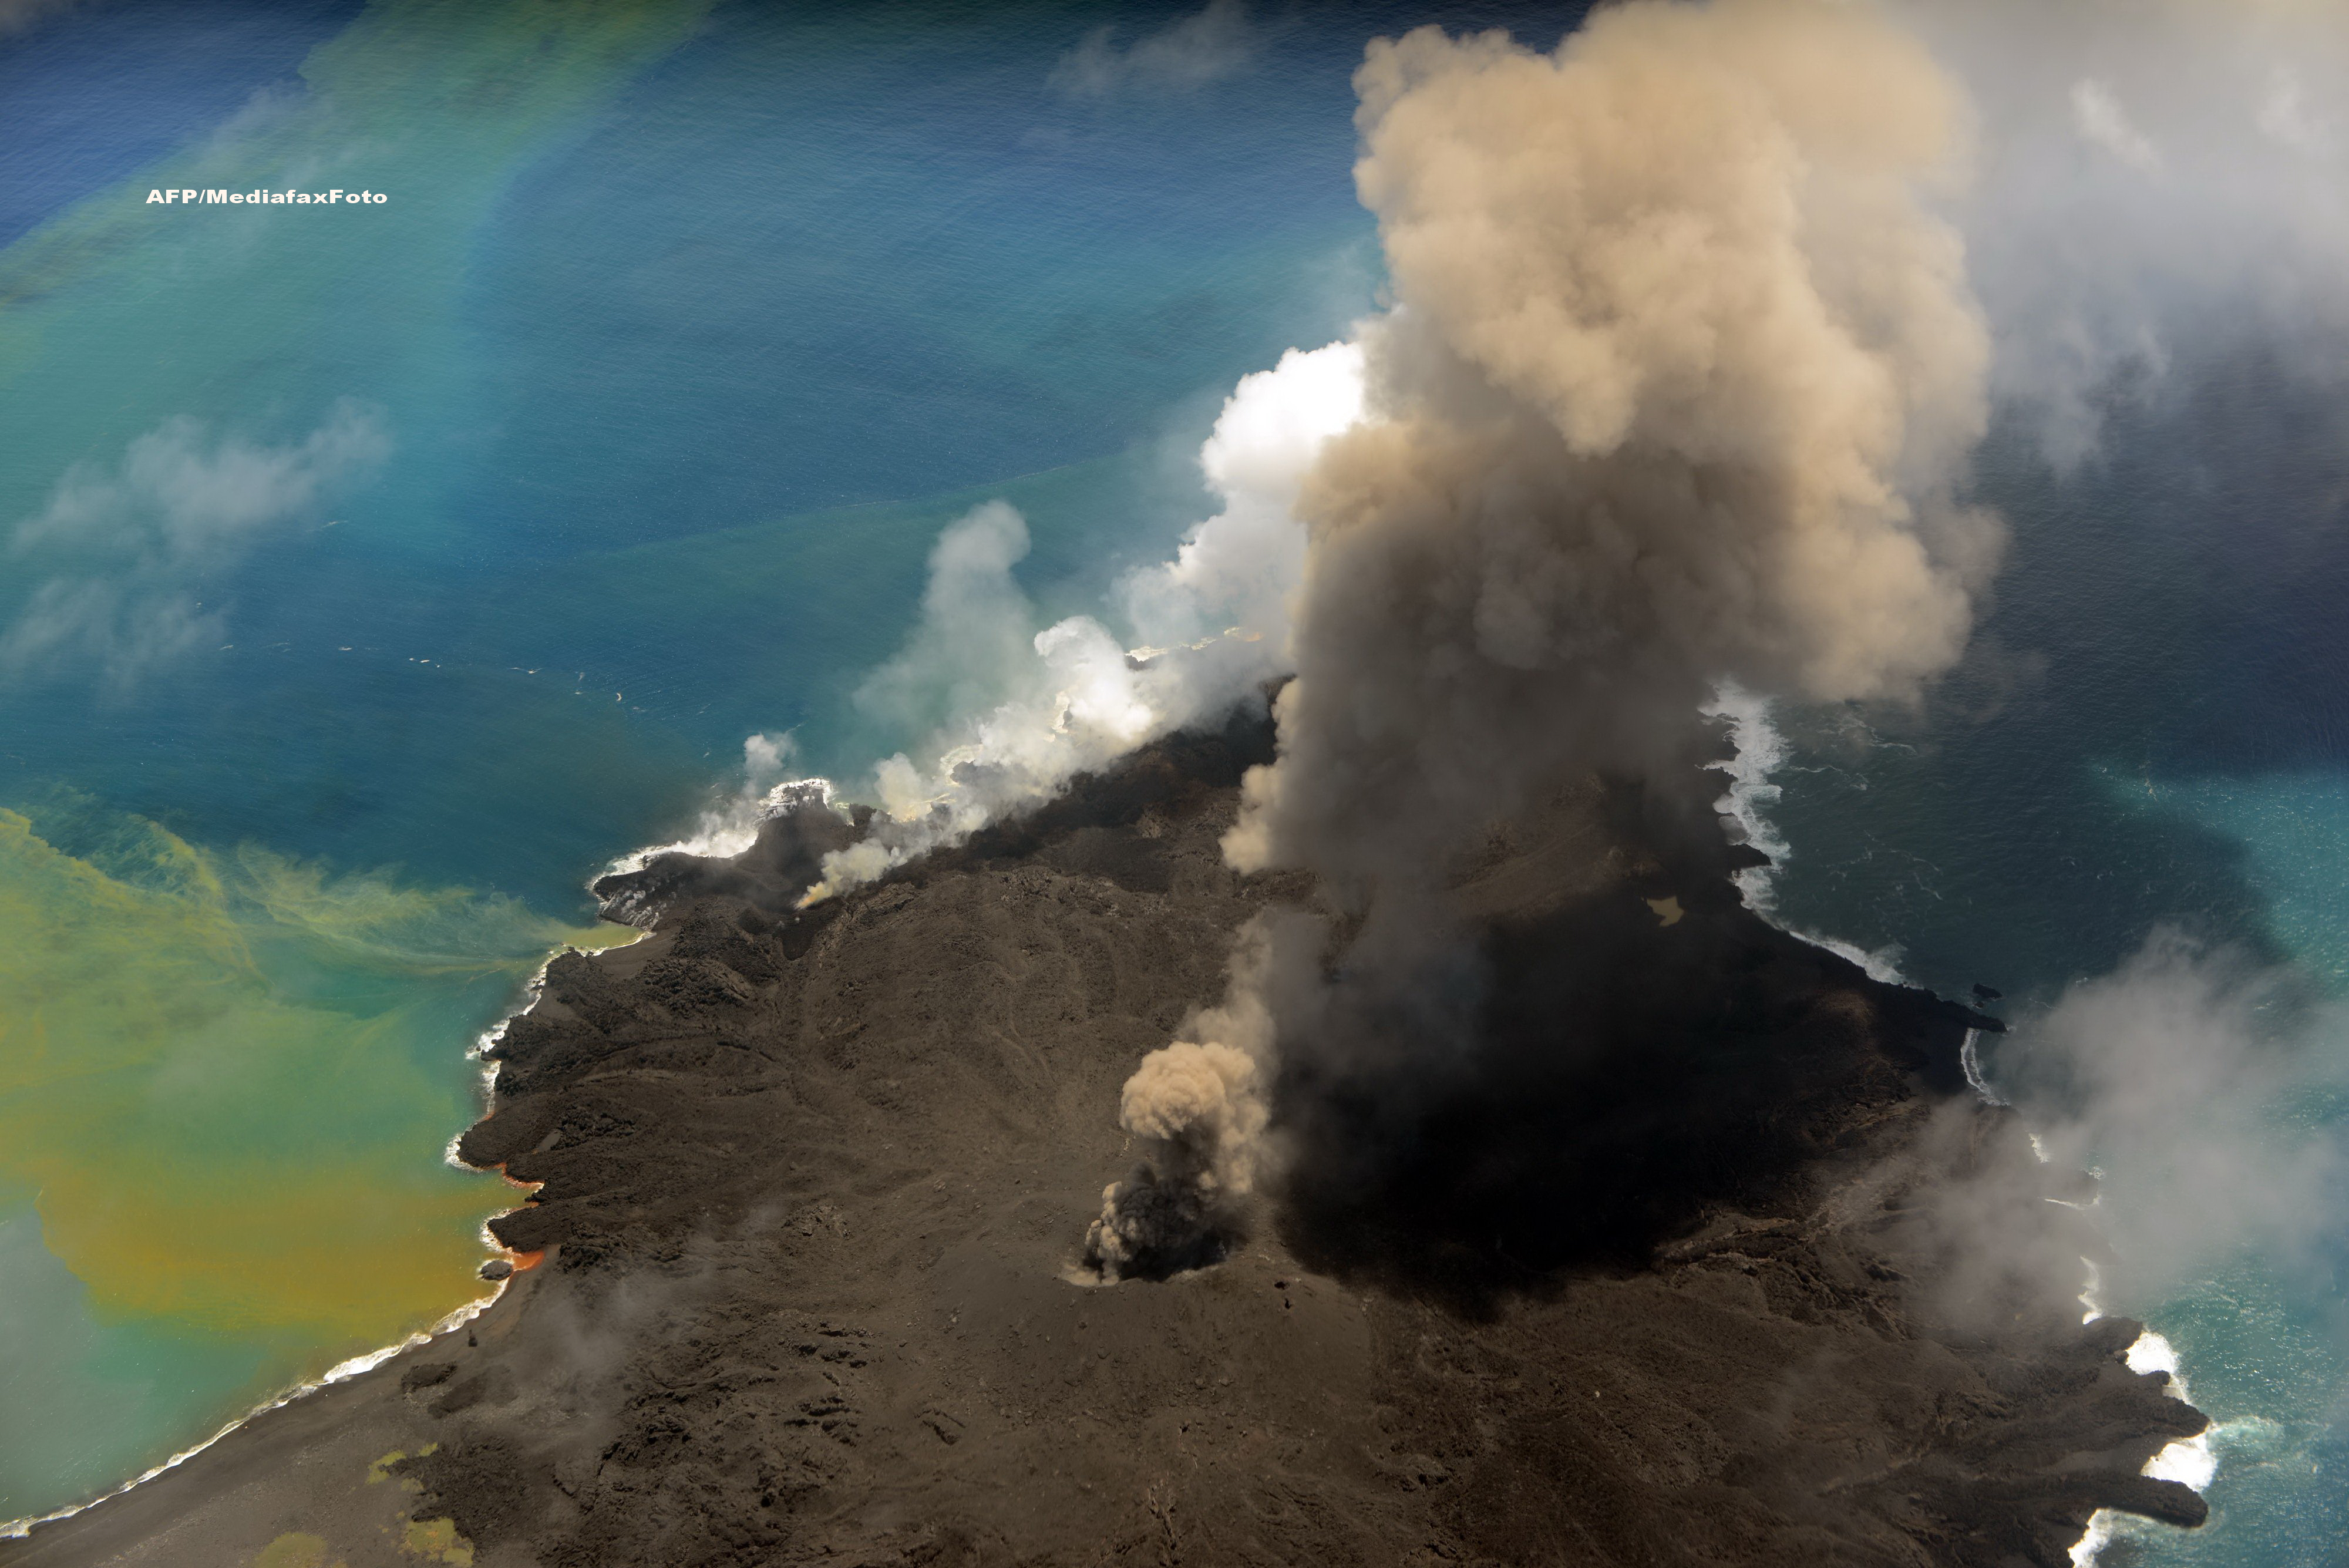 Alerta de tsunami in Japonia. Lava unei insule vulcanice, aflata in eruptie, ar putea provoca o tragedie. GALERIE FOTO